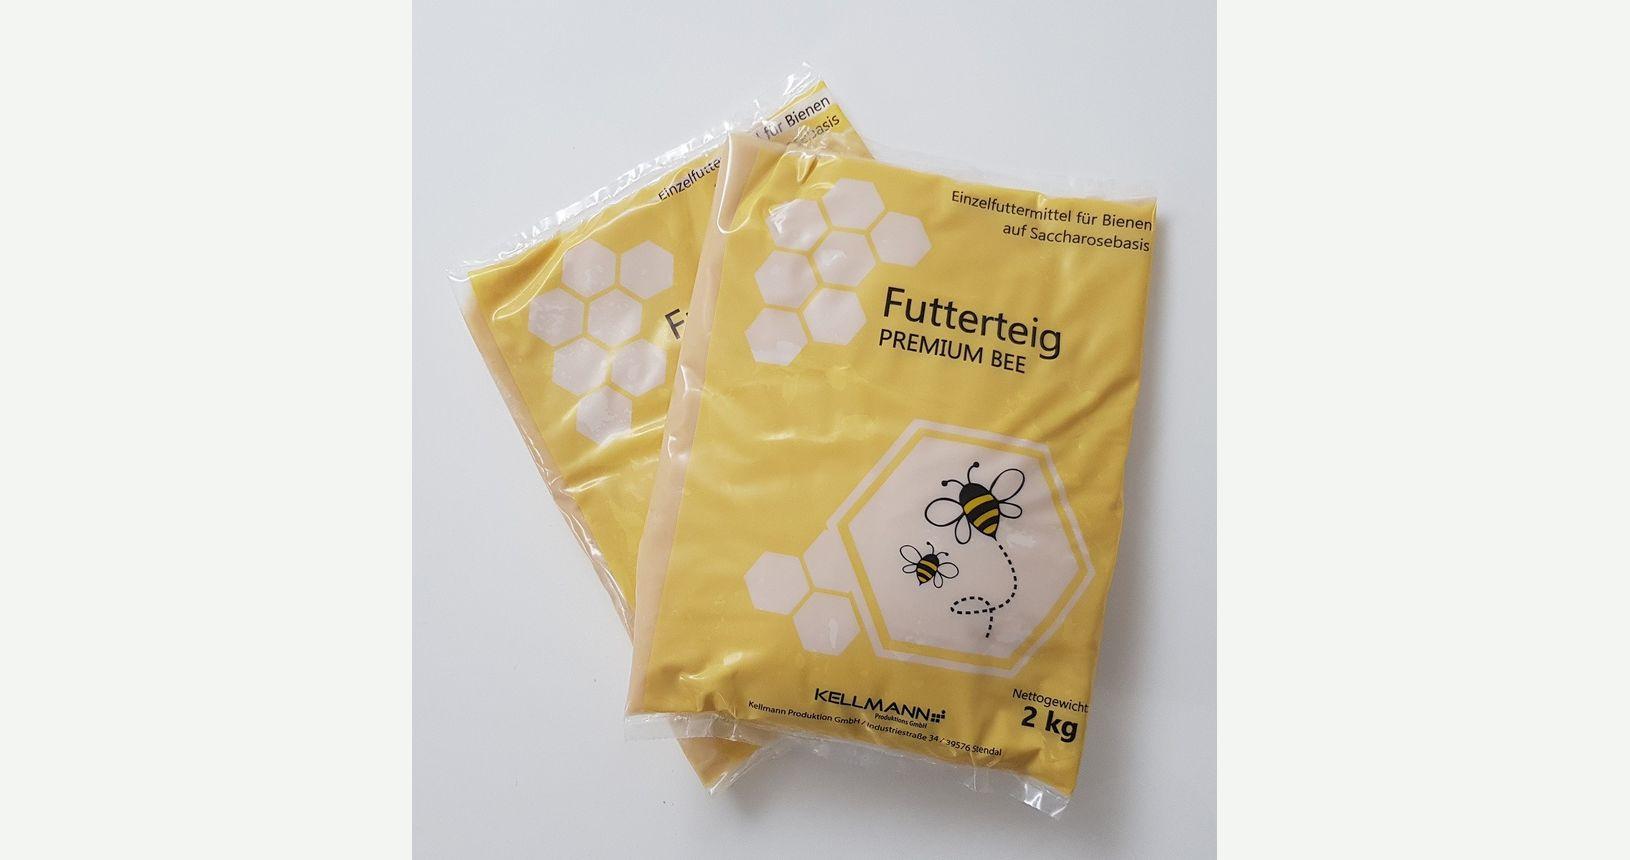 Kellmann-Premium-Bee-Futterteig-Bienenfutter-Shop-Kaufen